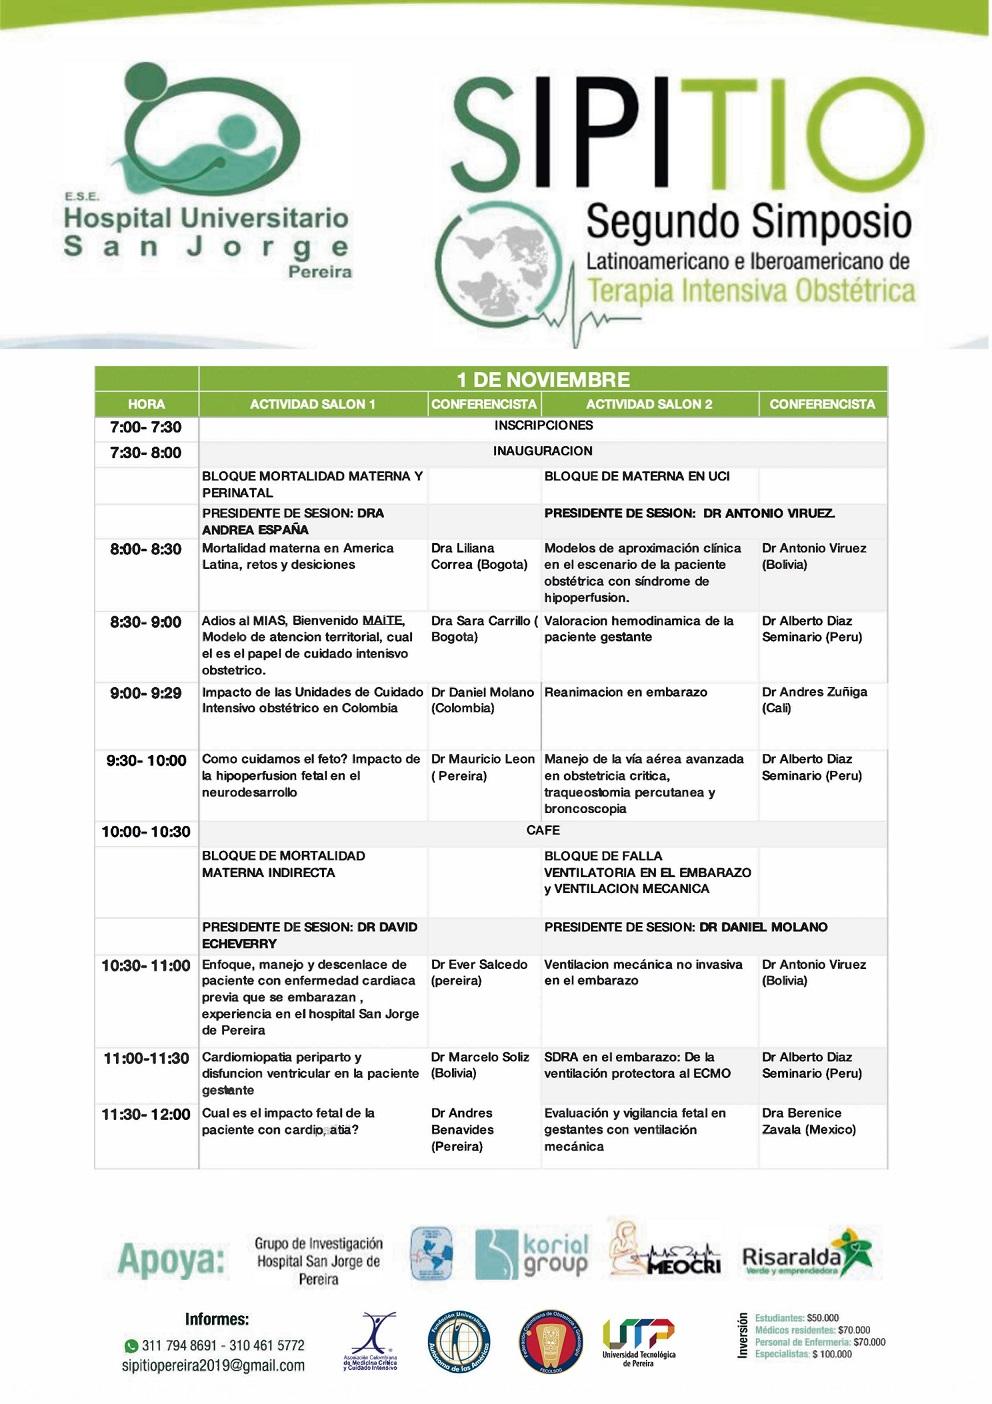 PROGRAMA SIPITIO PRESENTACION_page-0001